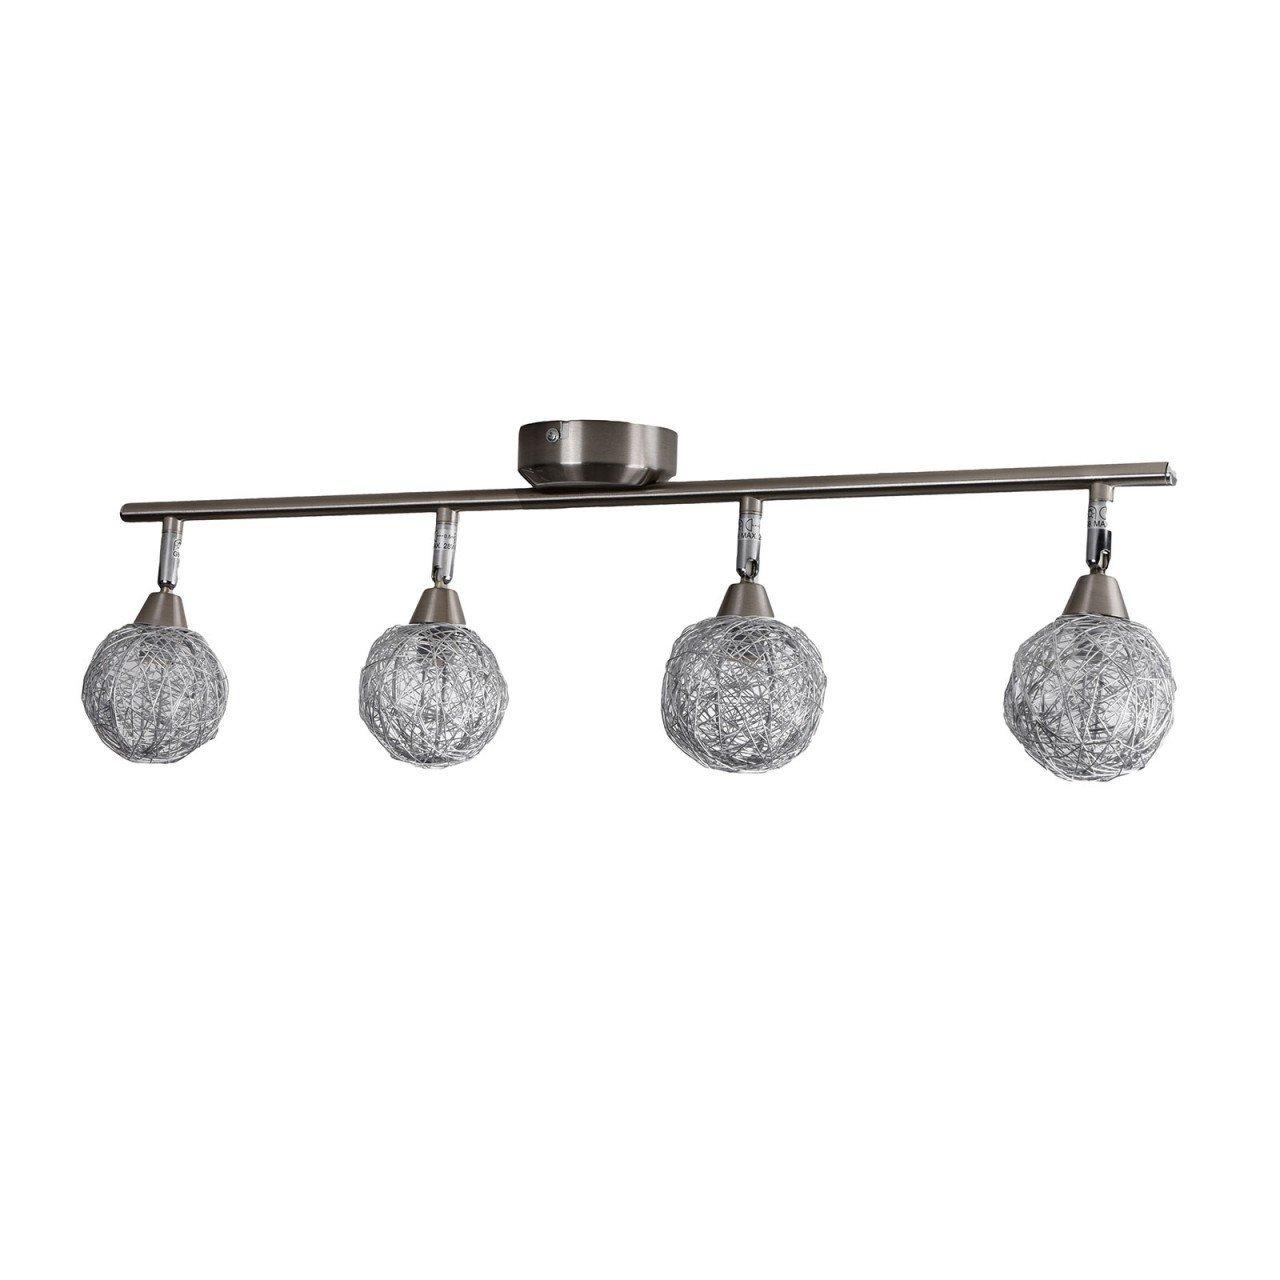 4halogen deckenschiene deckenlampe lampe deckenleuchte 4. Black Bedroom Furniture Sets. Home Design Ideas